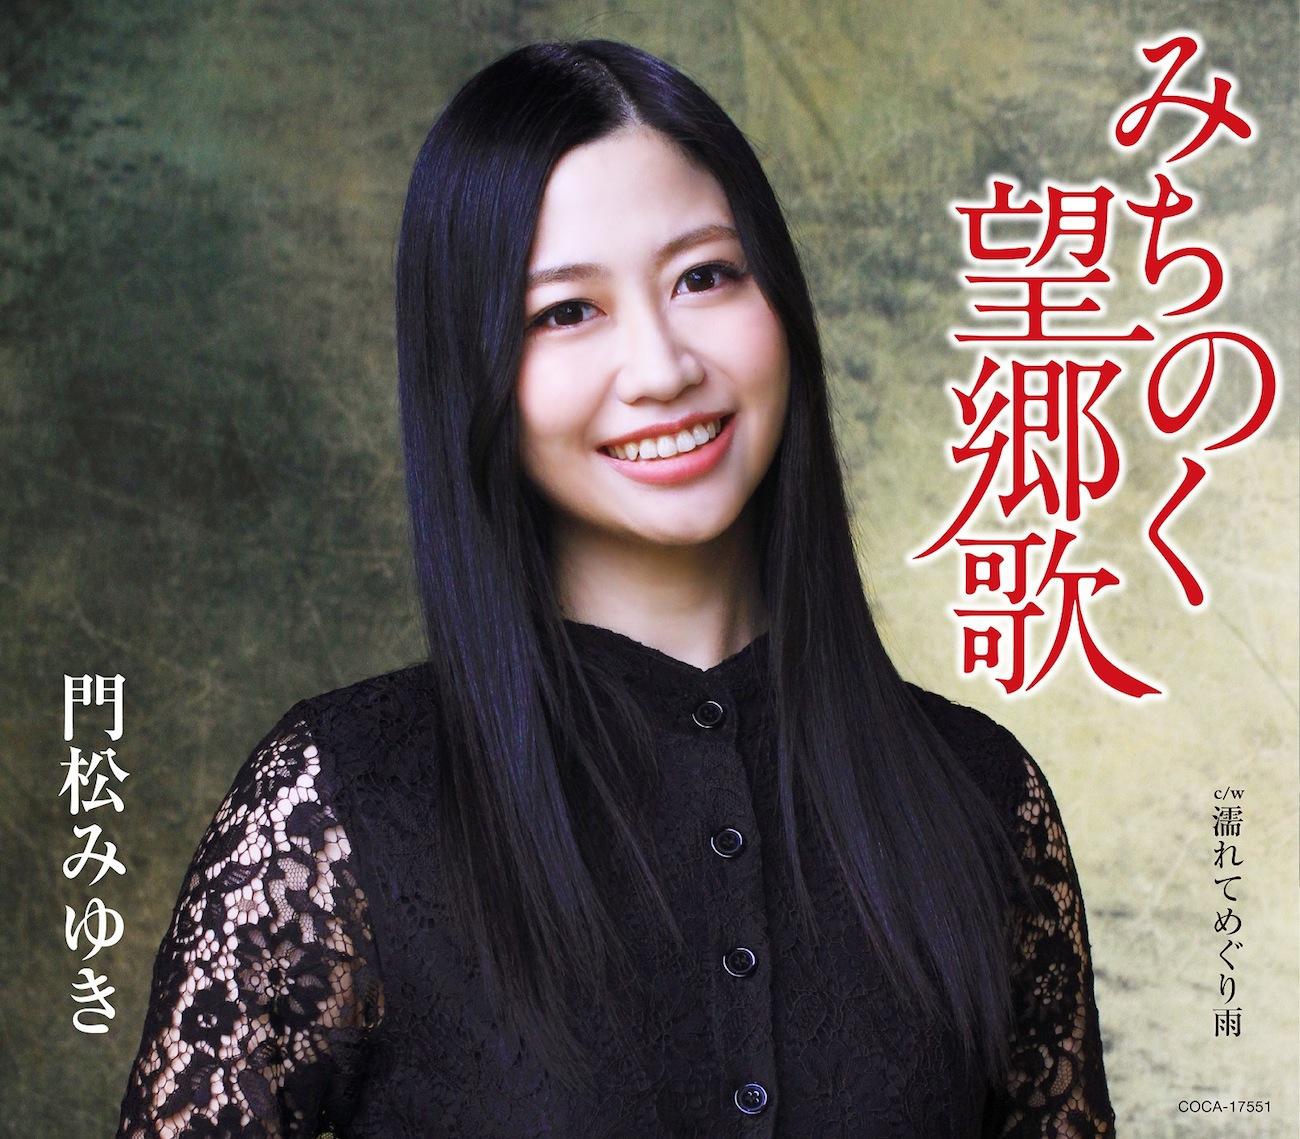 門松みゆき「みちのく望郷歌」通常盤CD